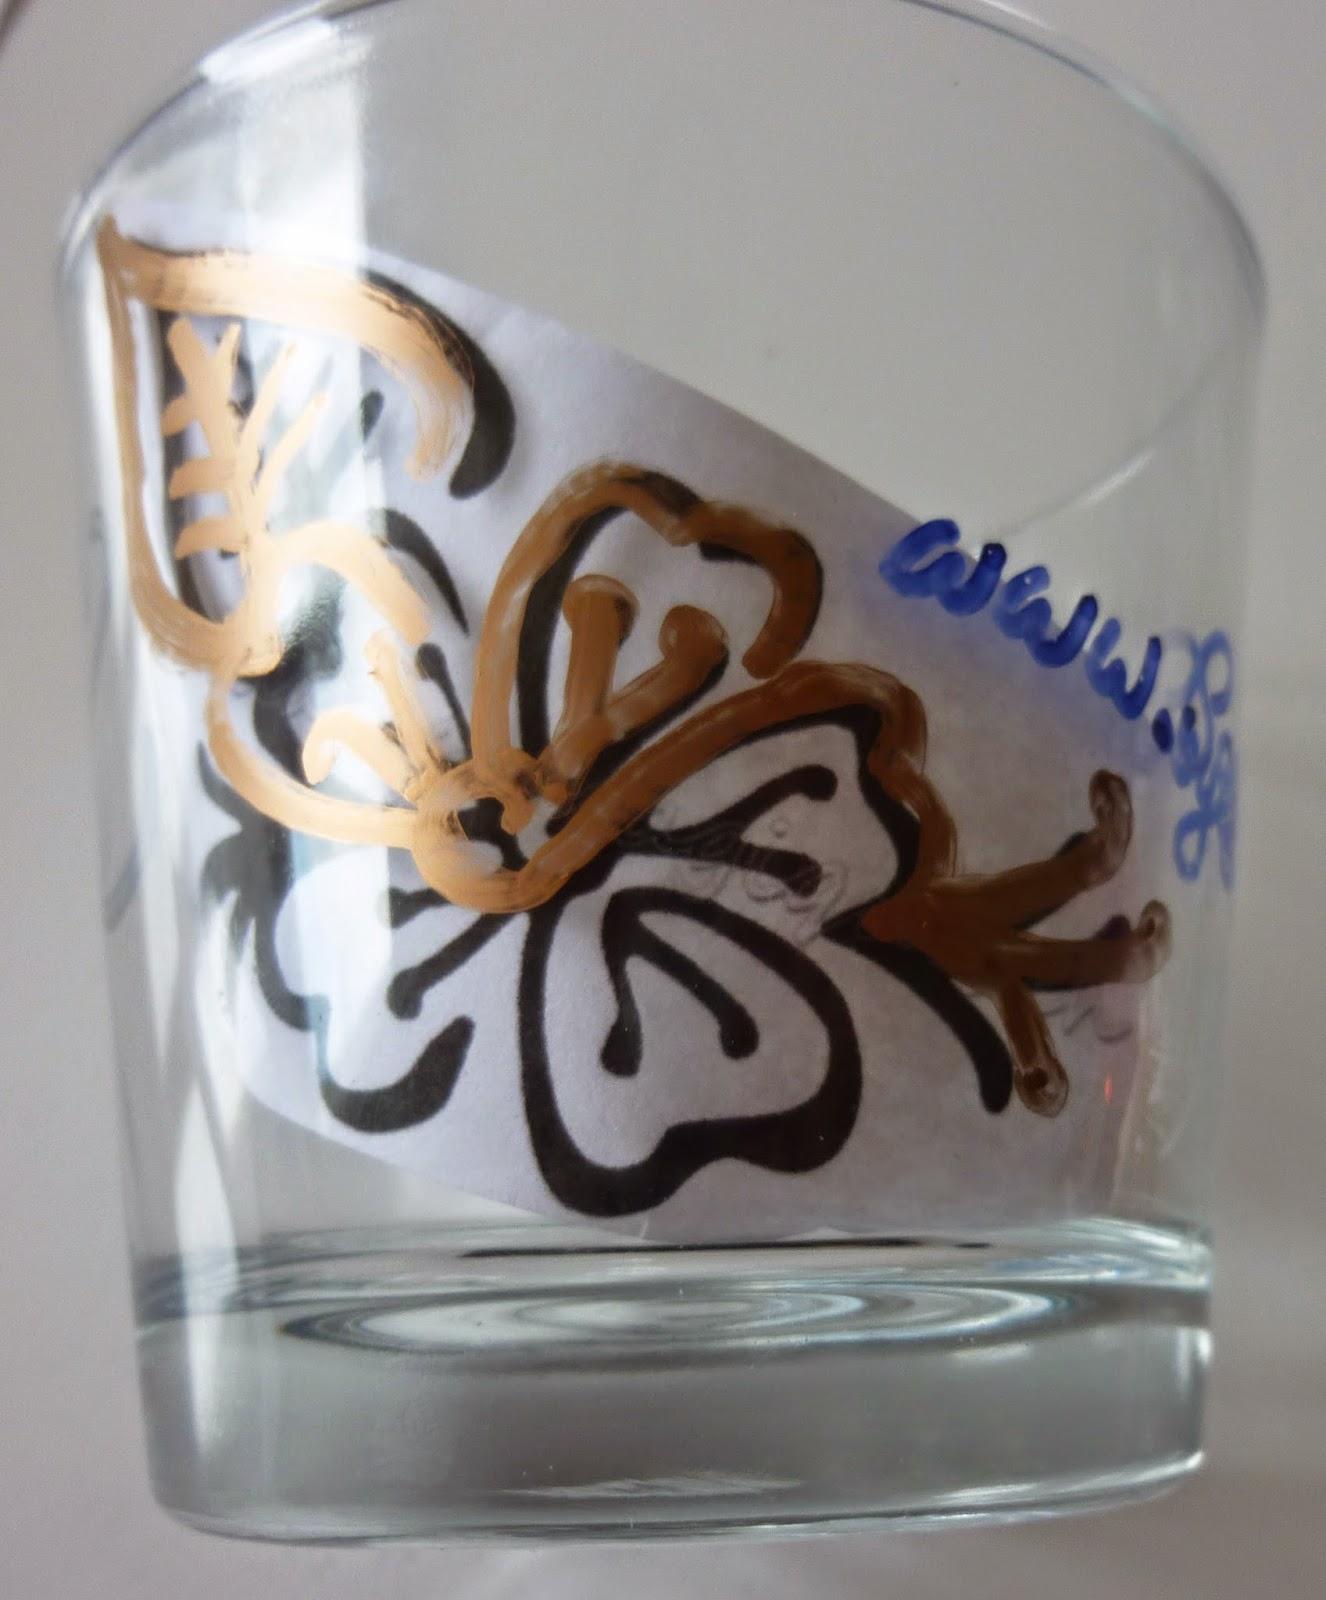 Comment d corer un pot en verre soyez farahmineuse - Comment decorer un verre ...